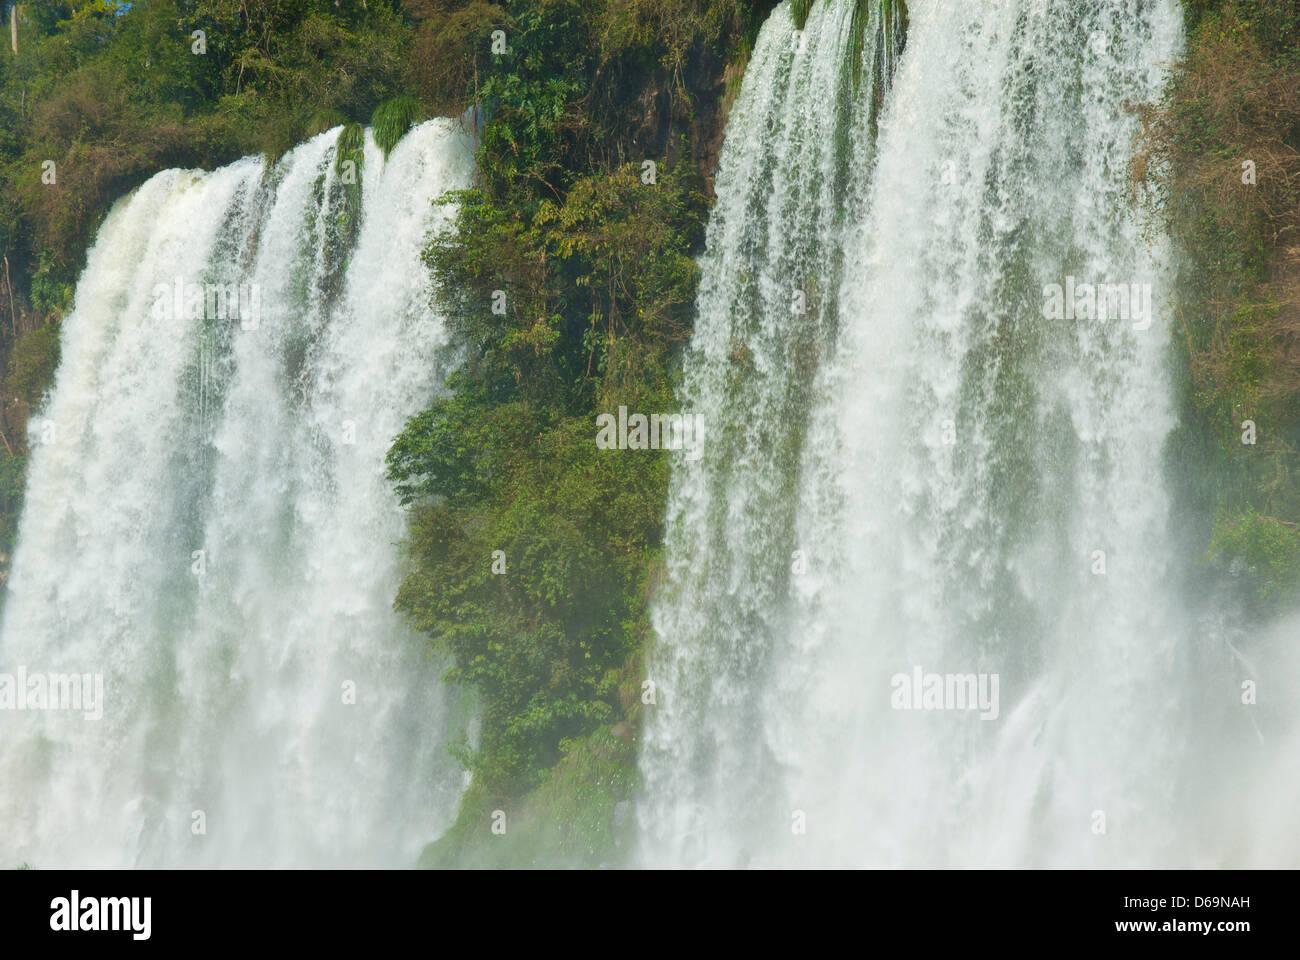 Argentina,Buenos Aires, Iguazu falls - Stock Image